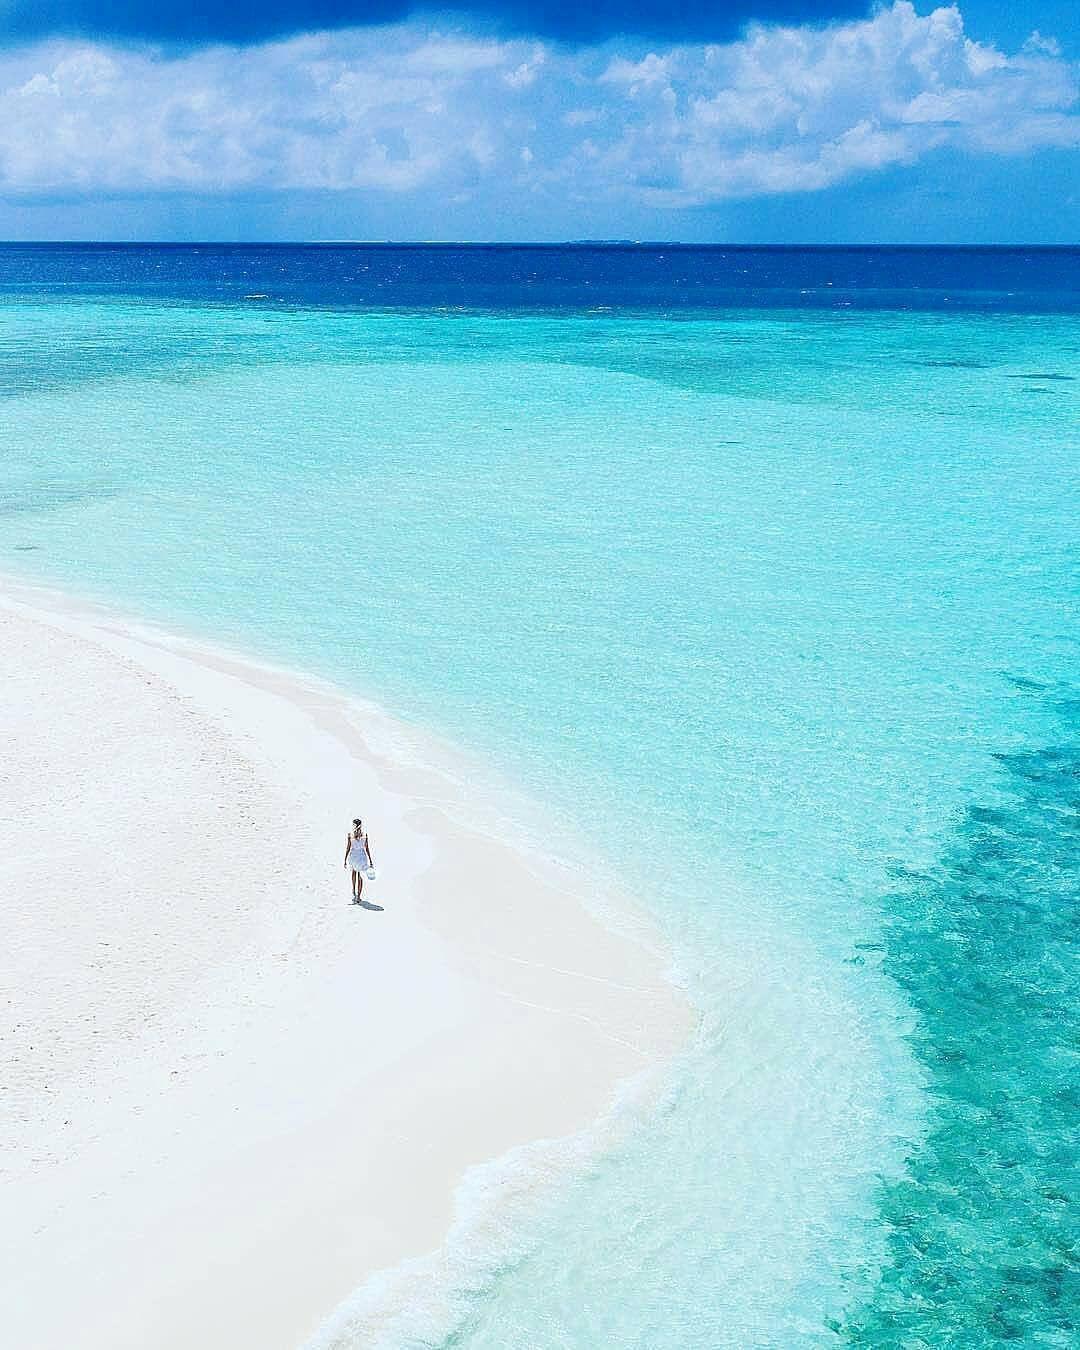 The Maldives Islands #Maldives In 2019